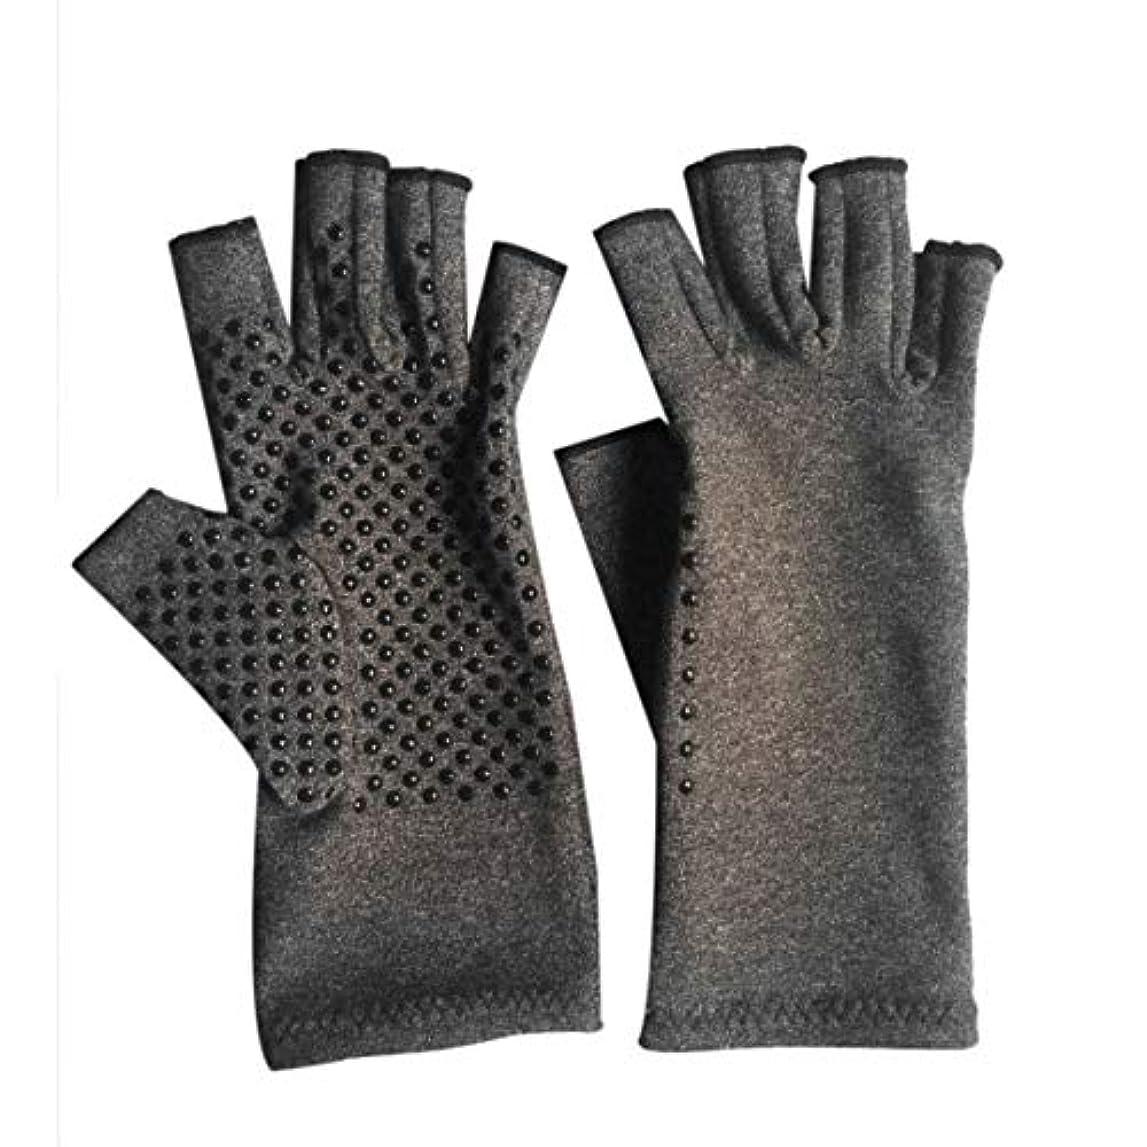 小さなチーズびっくりした1ペアユニセックス男性女性療法圧縮手袋関節炎関節痛緩和ヘルスケア半指手袋トレーニング手袋 - グレーM